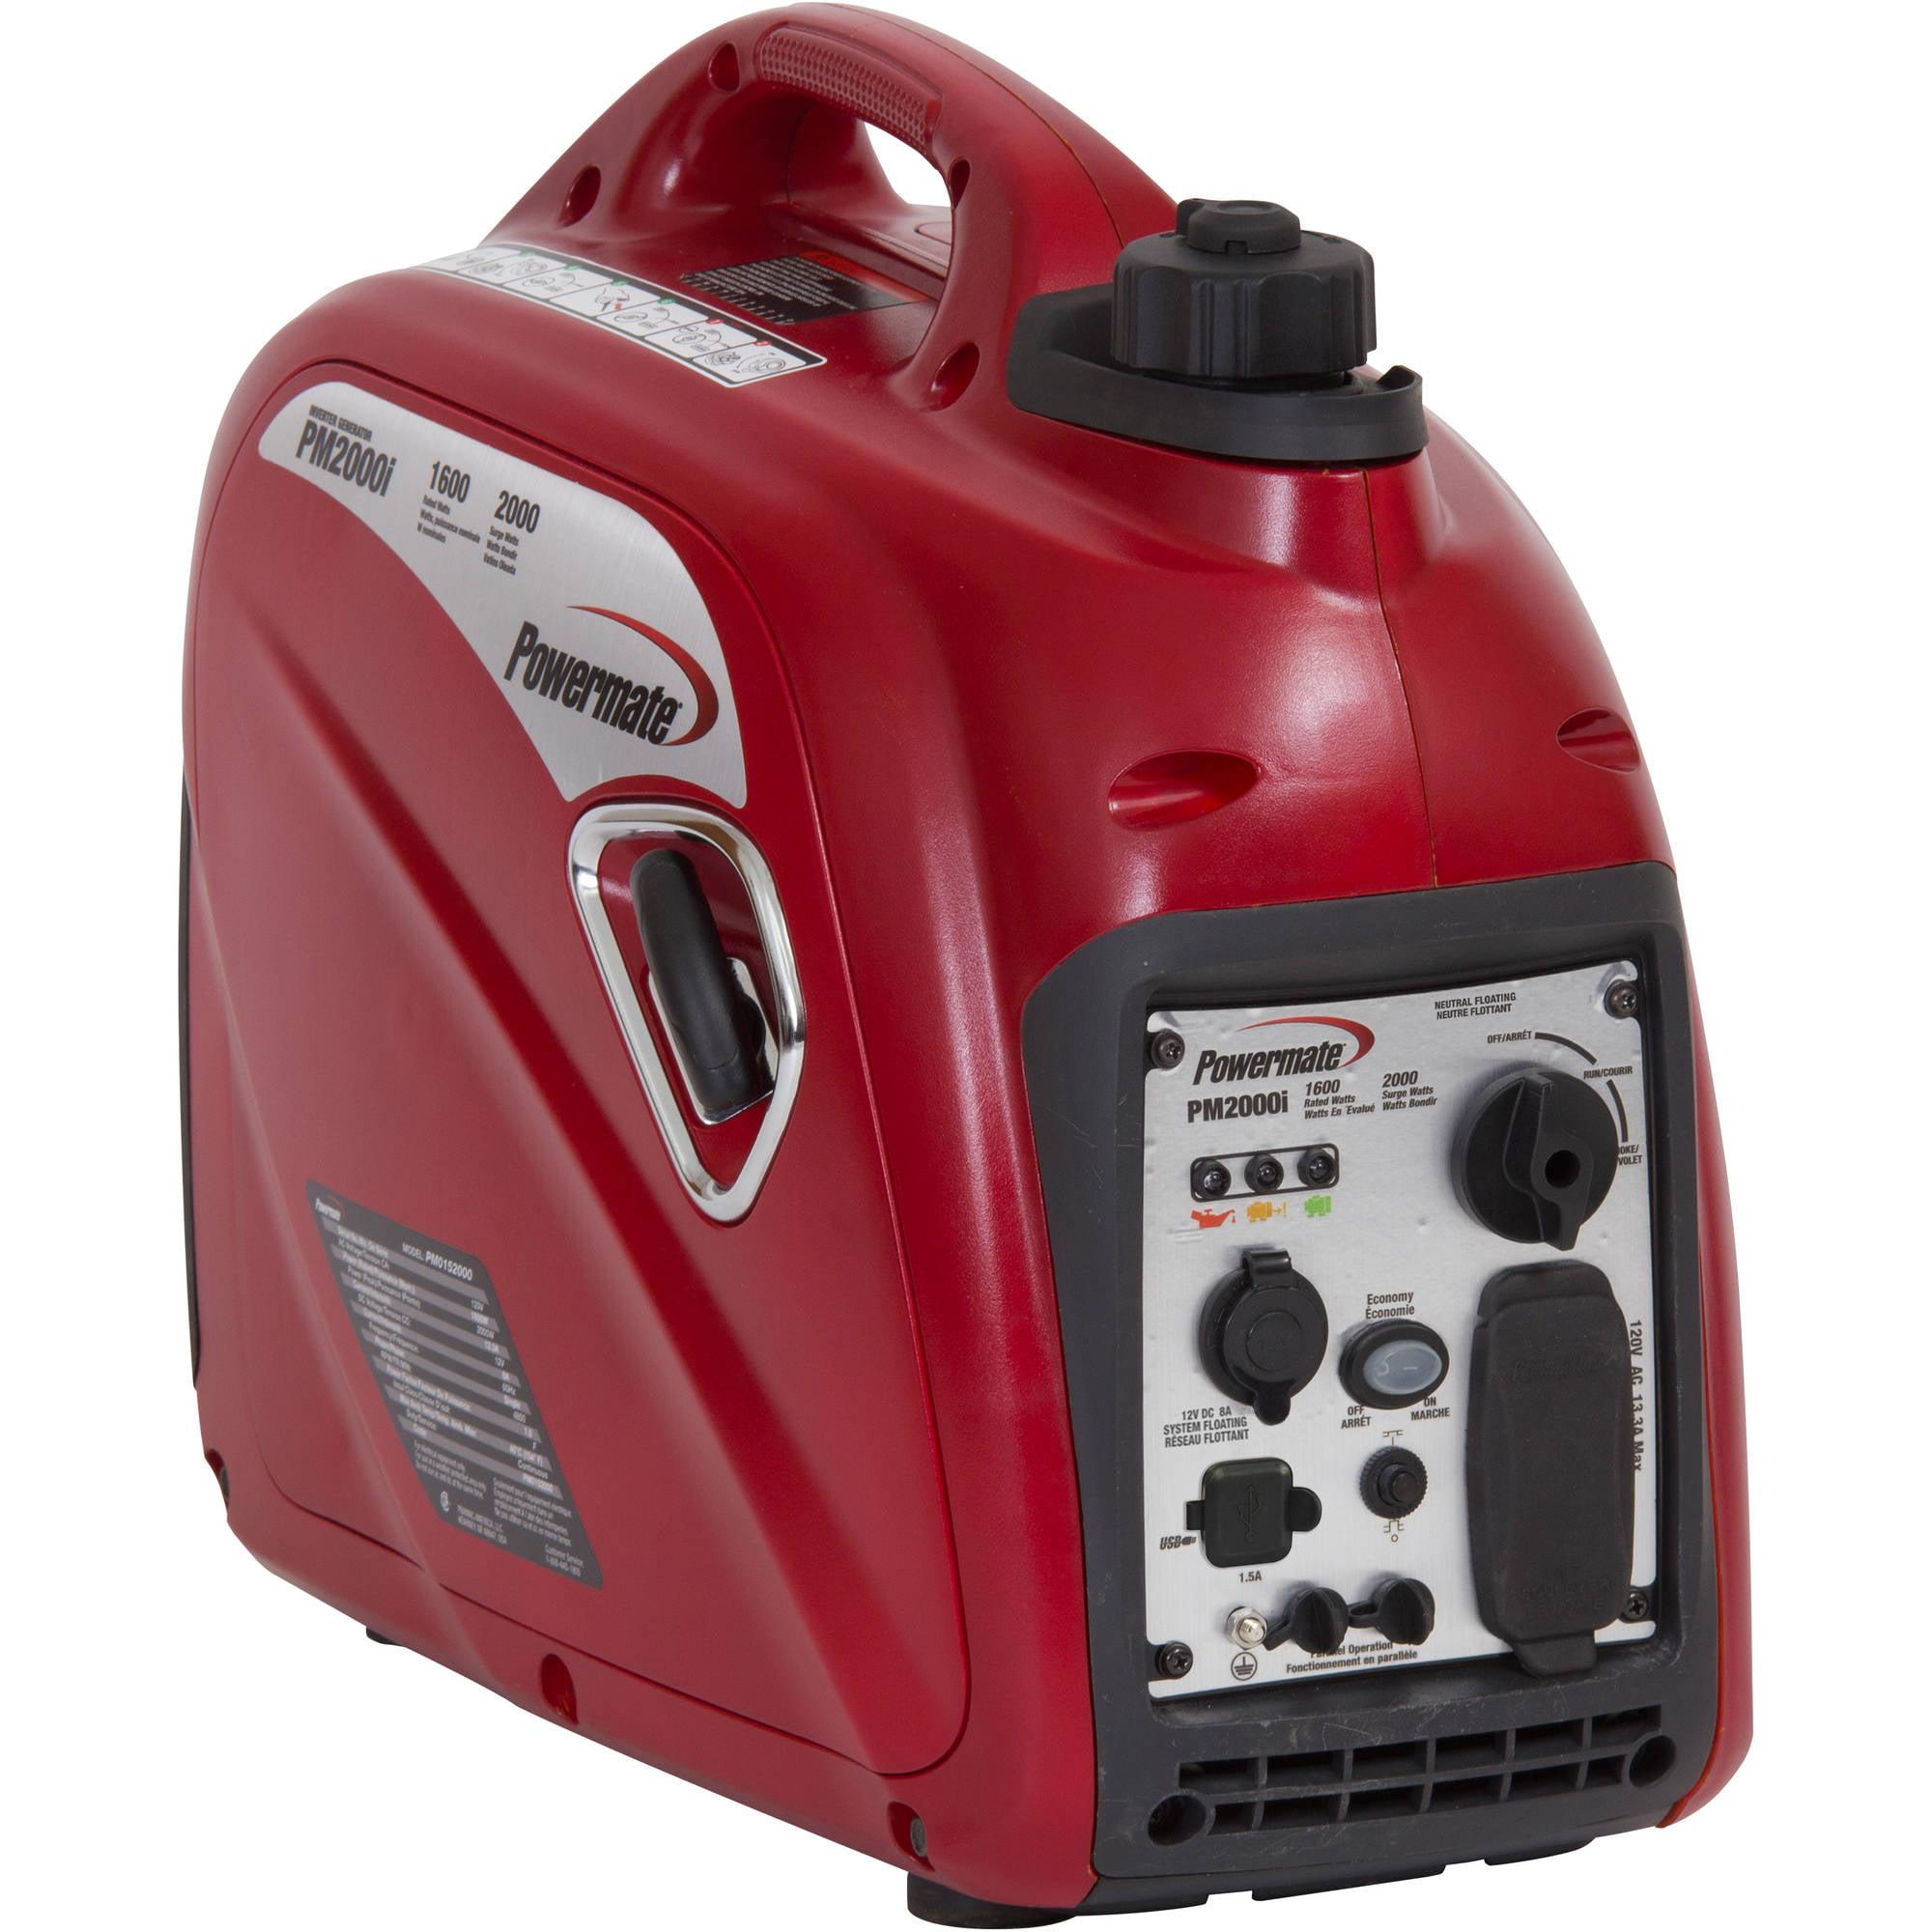 Powermate 2000I Portable Inverter Generator